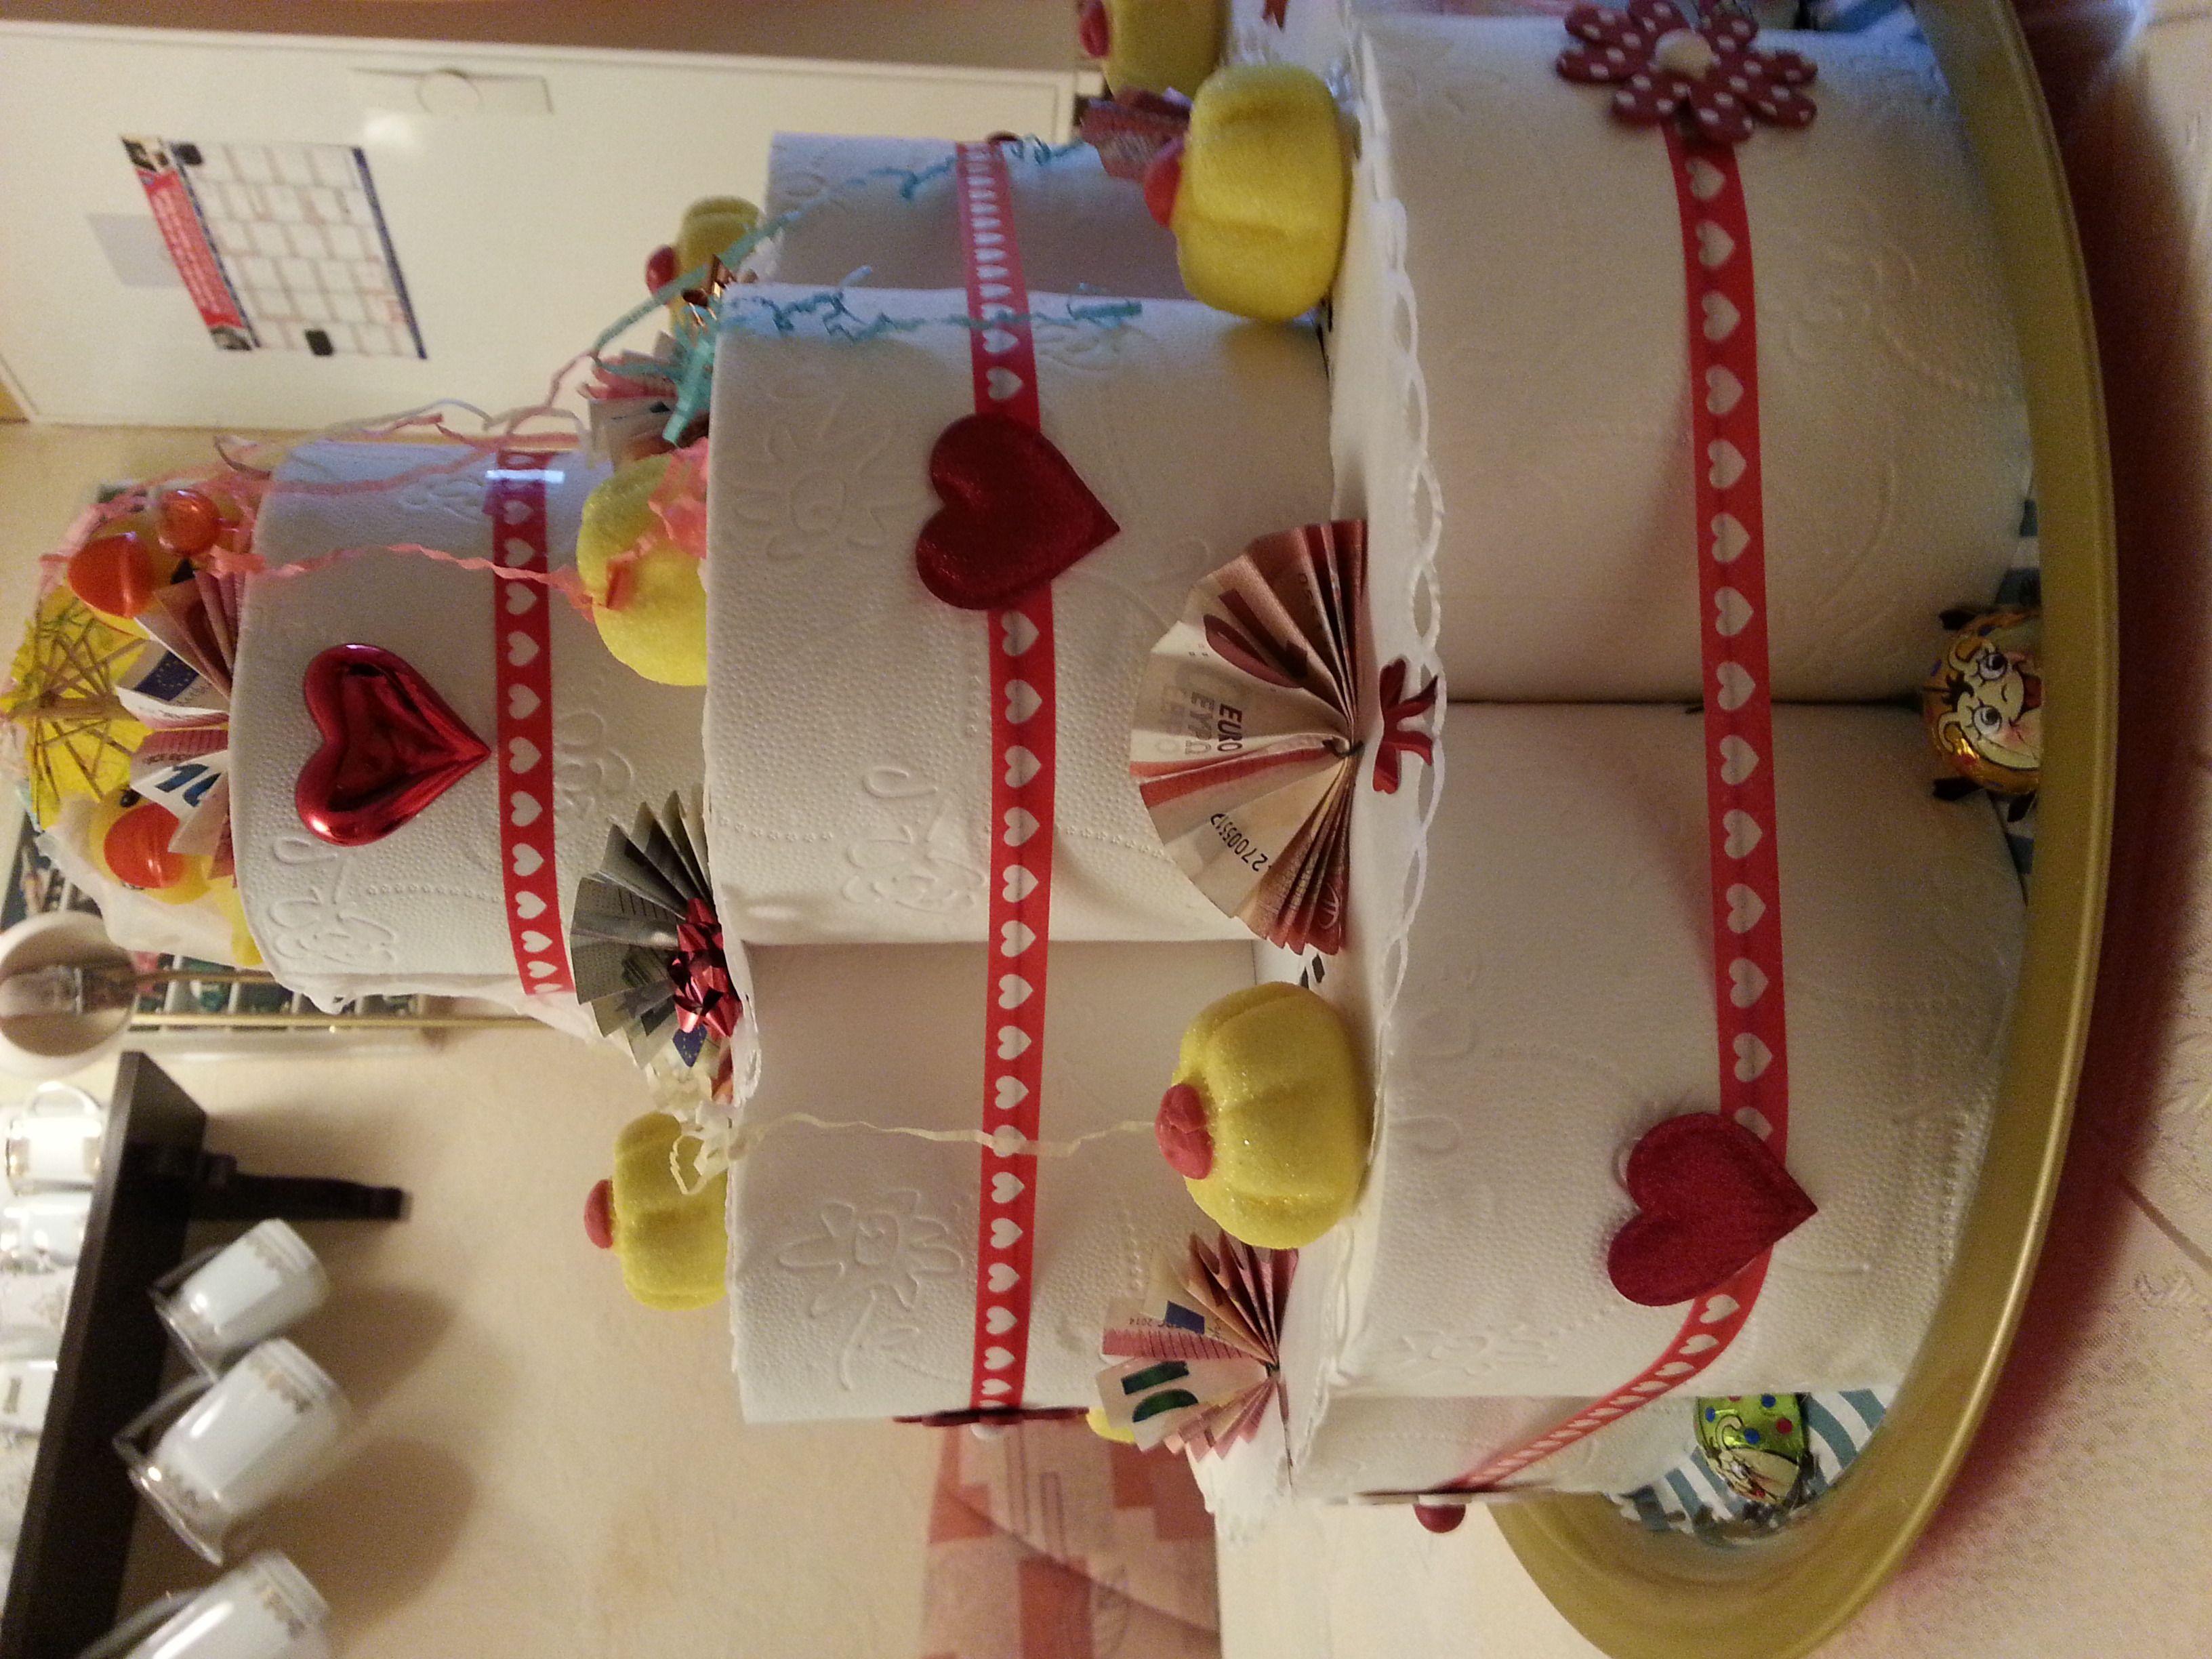 Hochzeits Torte Aus Toilettenpapier Als Geschenk Mit Geldscheinen Mit Bildern Geschenke Geschenkideen Basteln